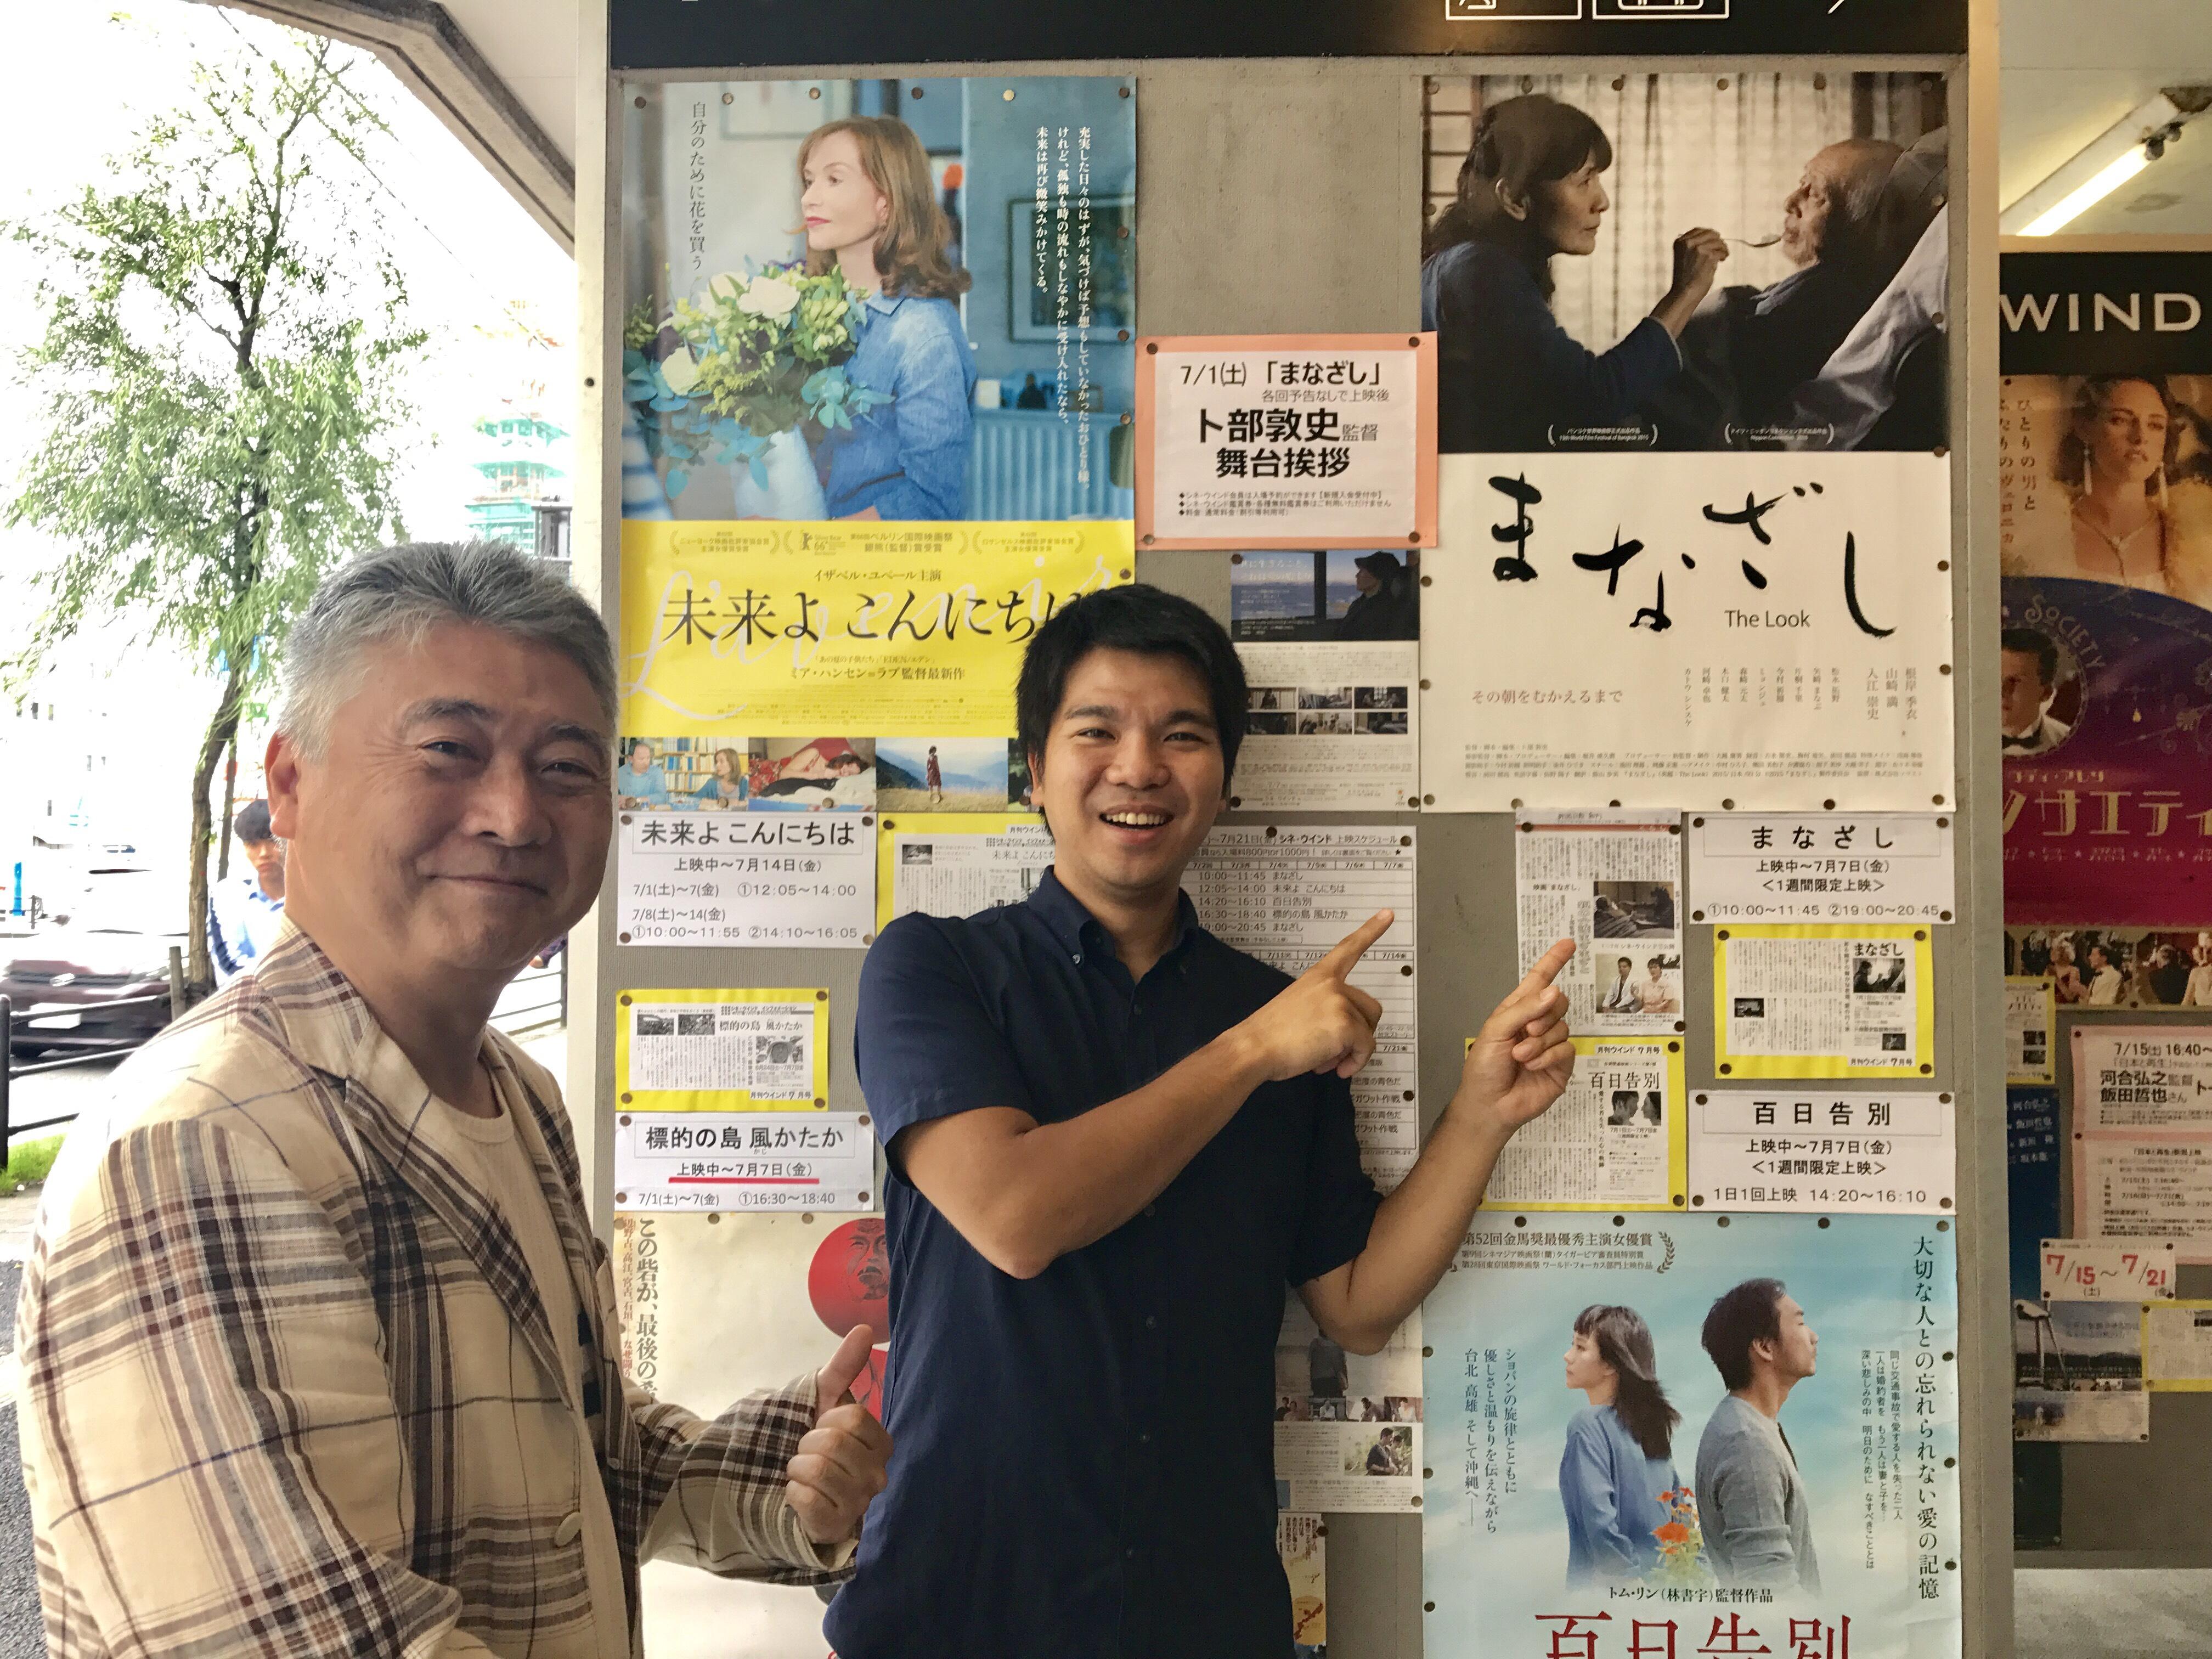 【報告】 7/1(土)『まなざし』舞台あいさつがありました!